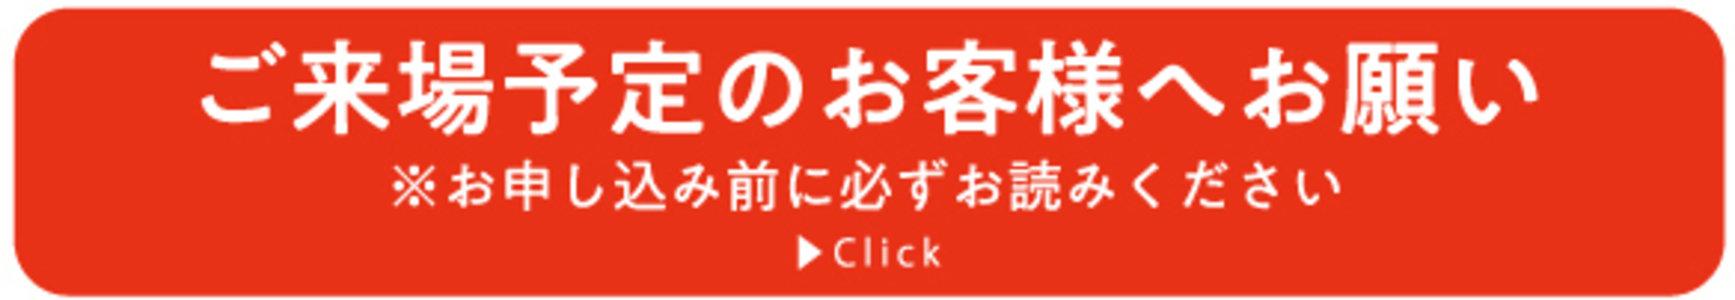 【再振替】「LAWSON presents 夏川椎菜 Zepp Live Tour 2020-2021 Pre-2nd」東京公演 1/23